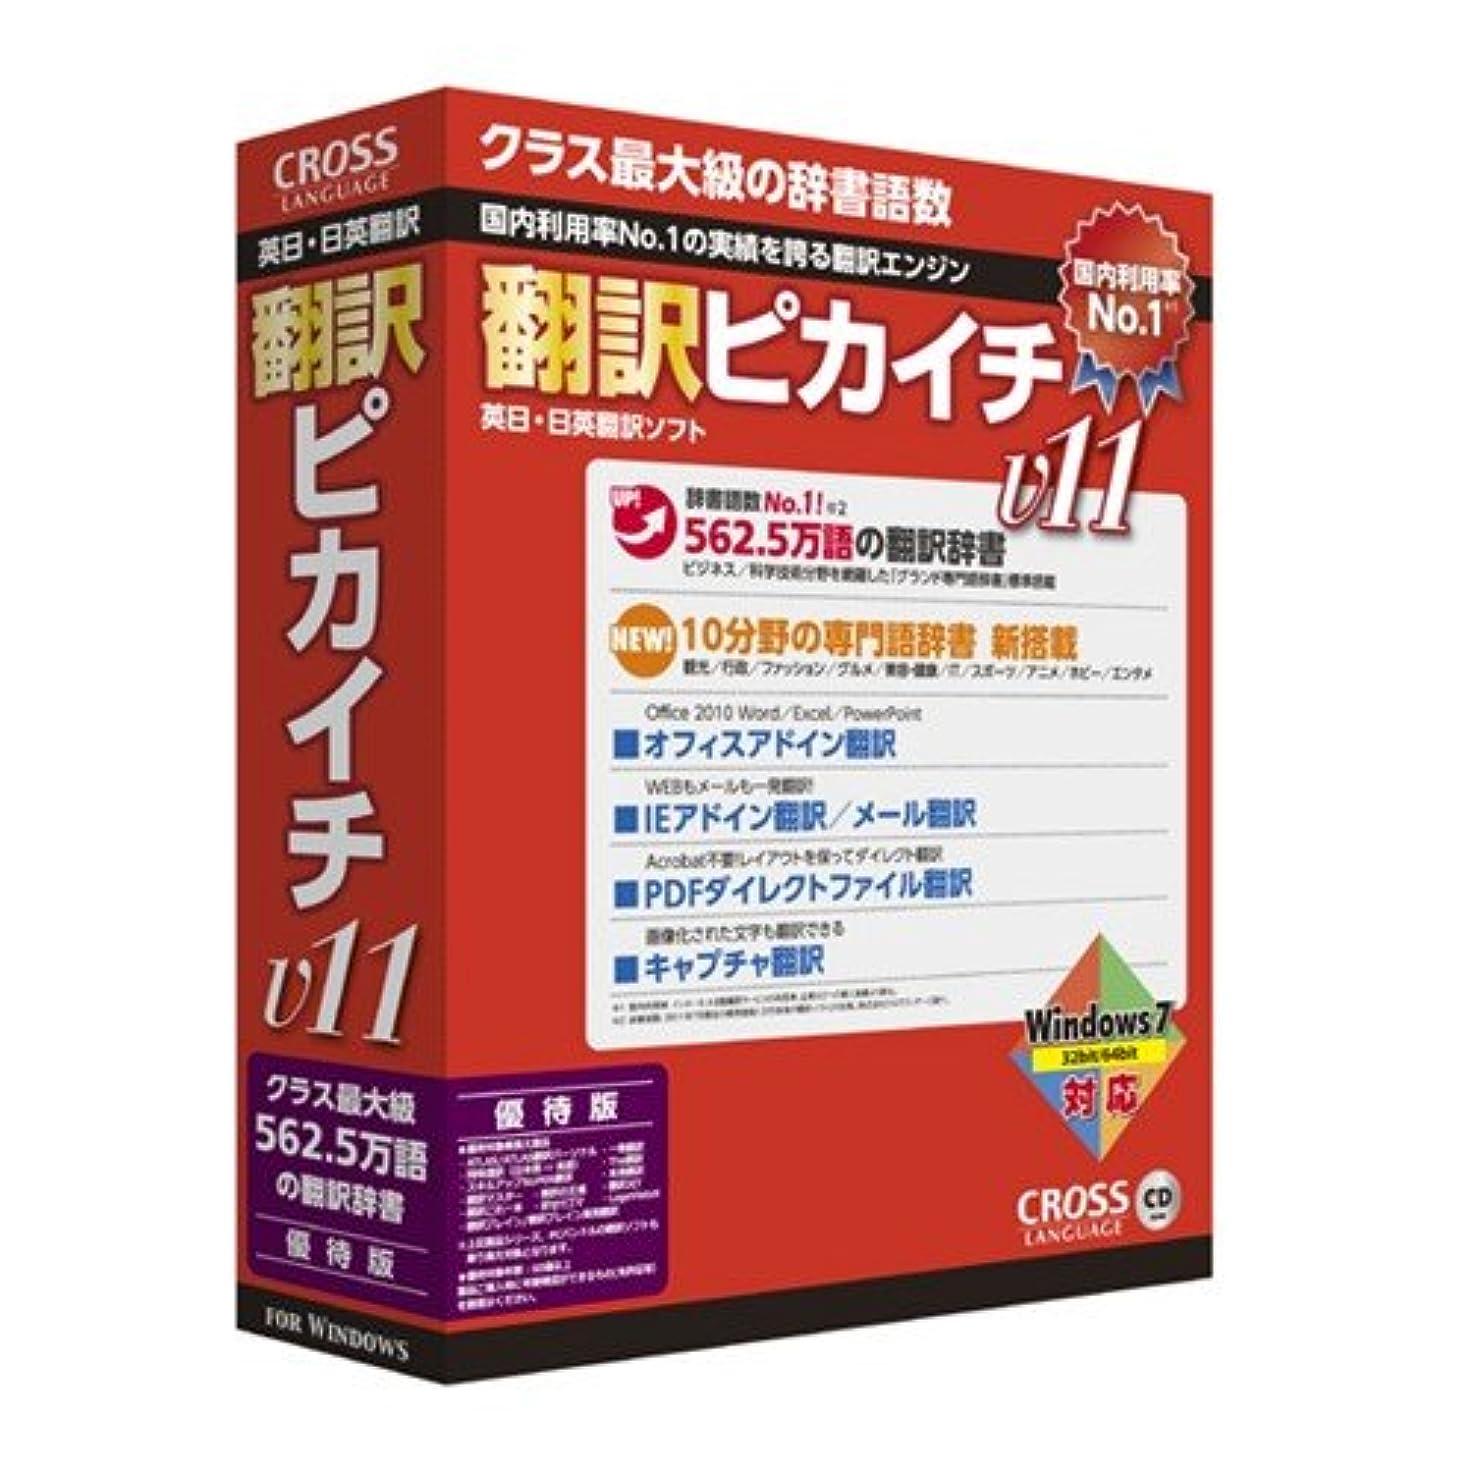 流す言い直す説教翻訳ピカイチV11 優待版 for Windows